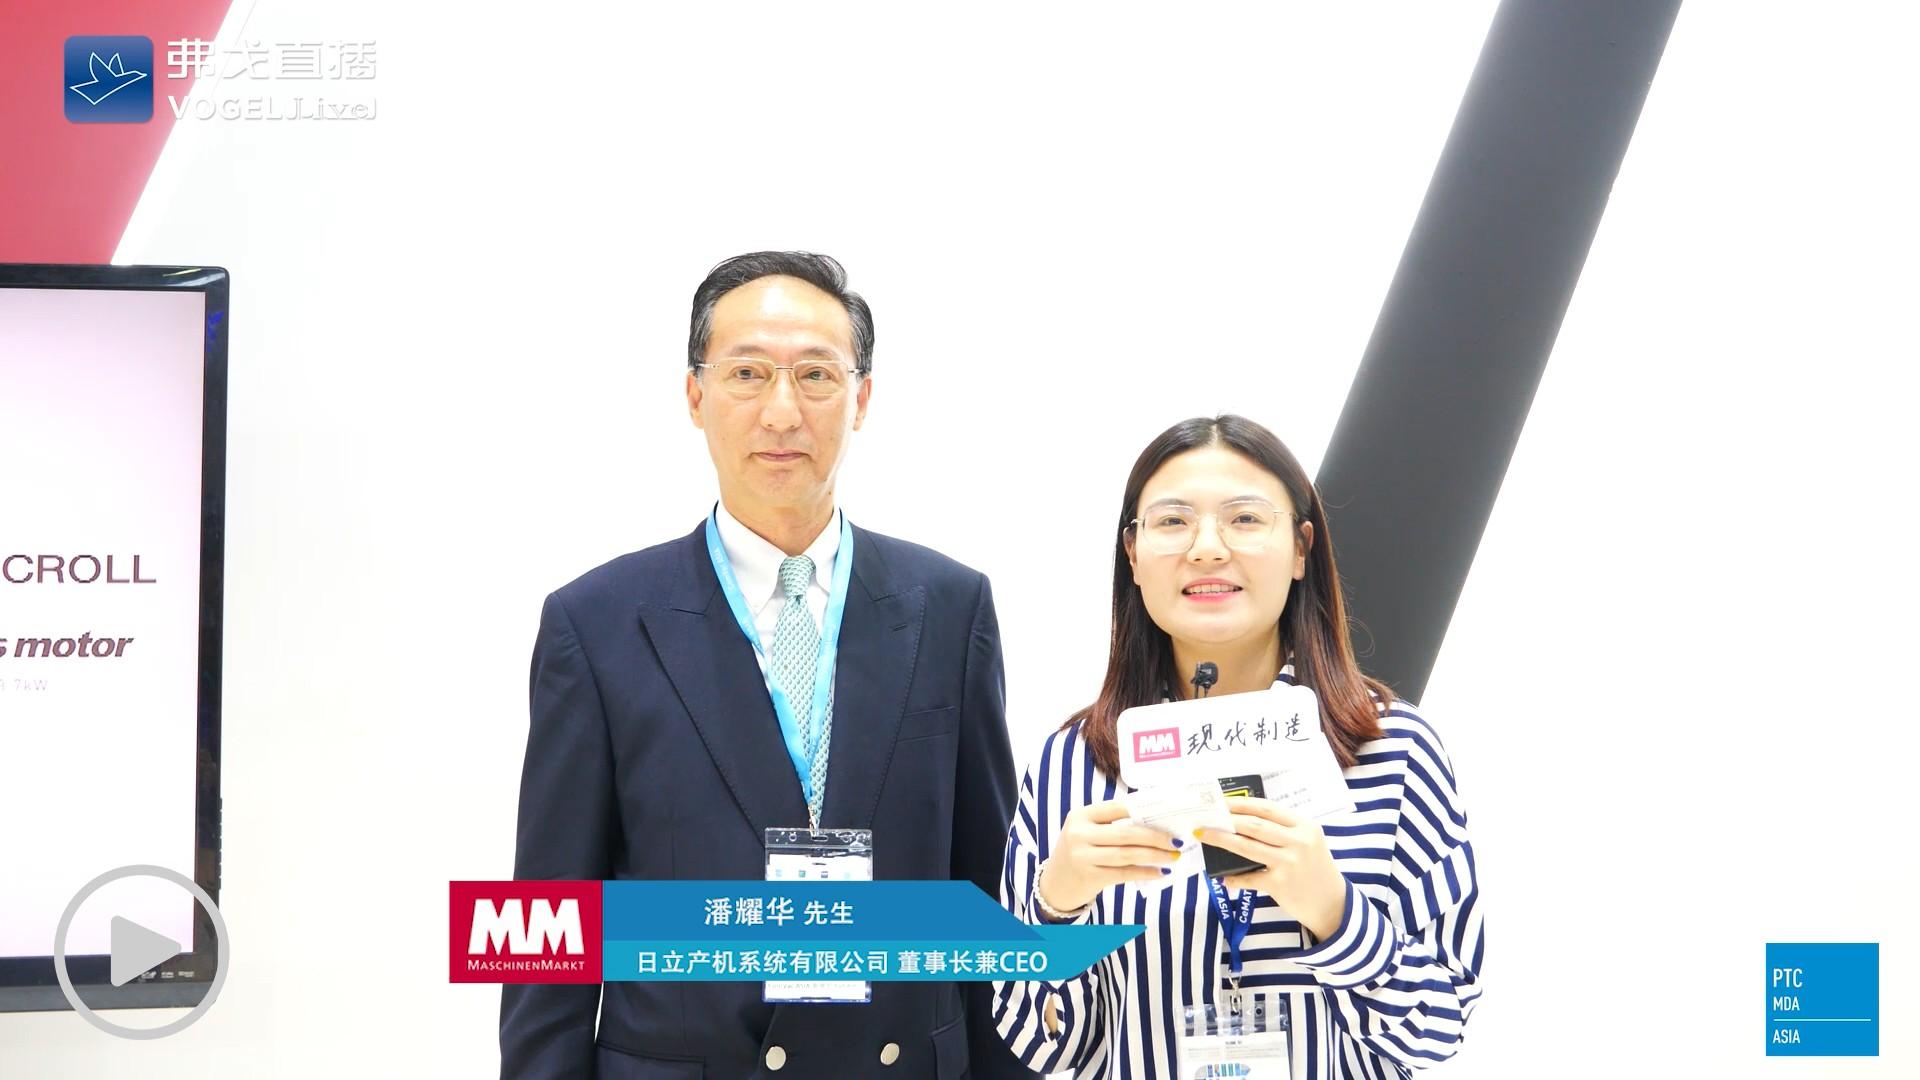 日立产机系统有限公司 董事长兼CEO - 潘耀华 先生